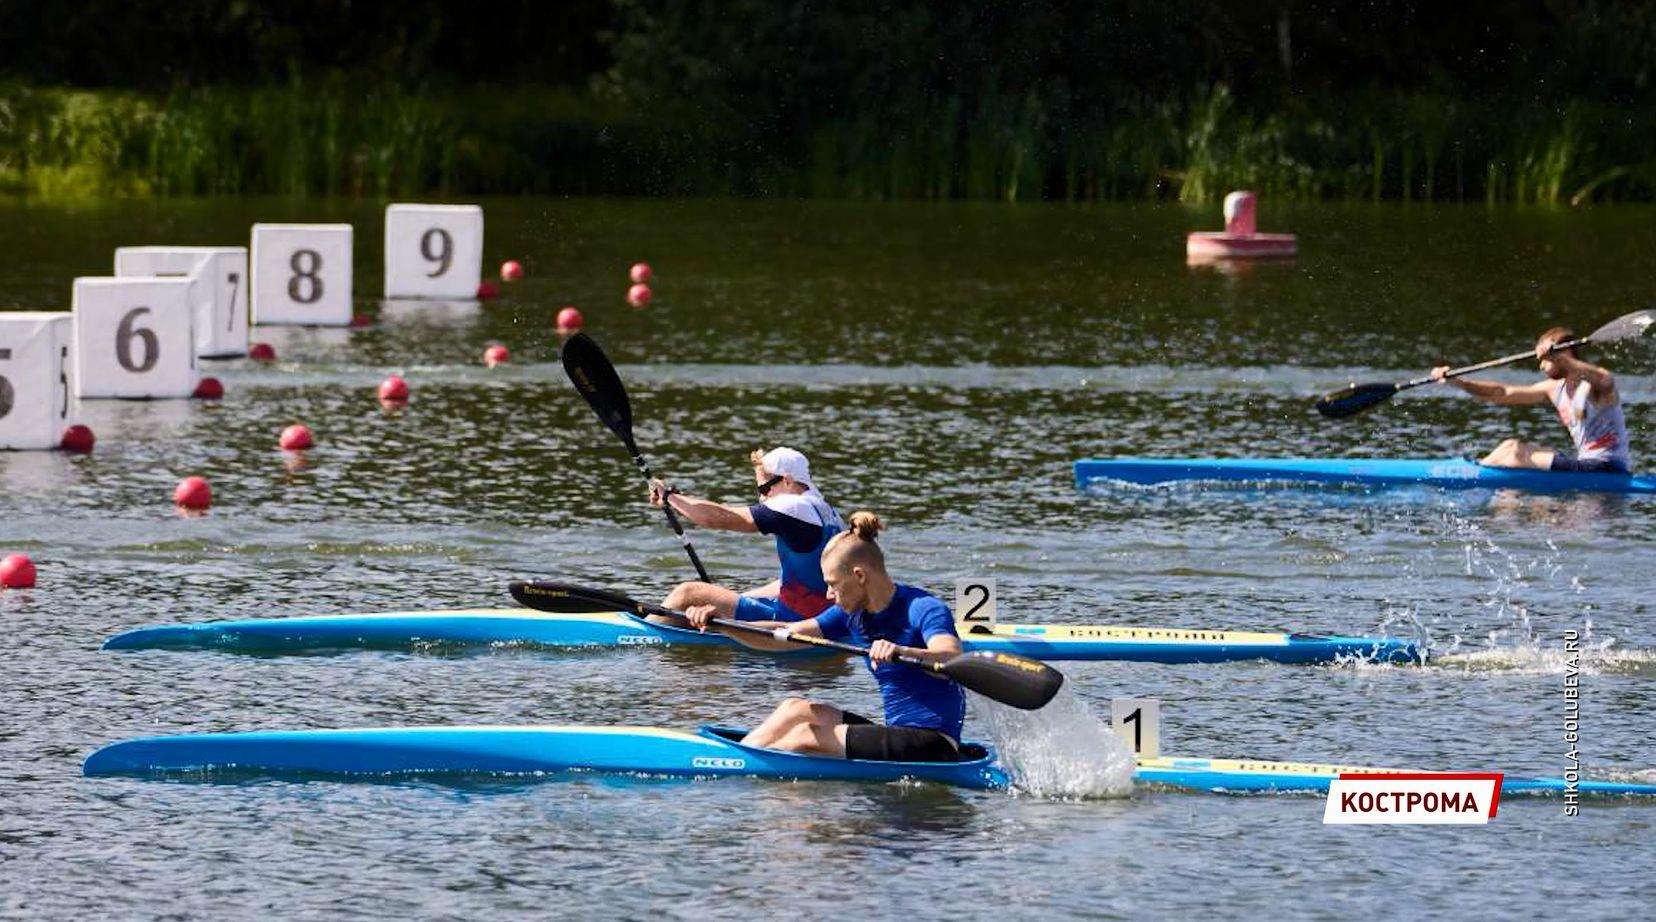 Ярославские спортсмены привезли 19 медалей на соревнованиях по гребле на байдарках и каноэ